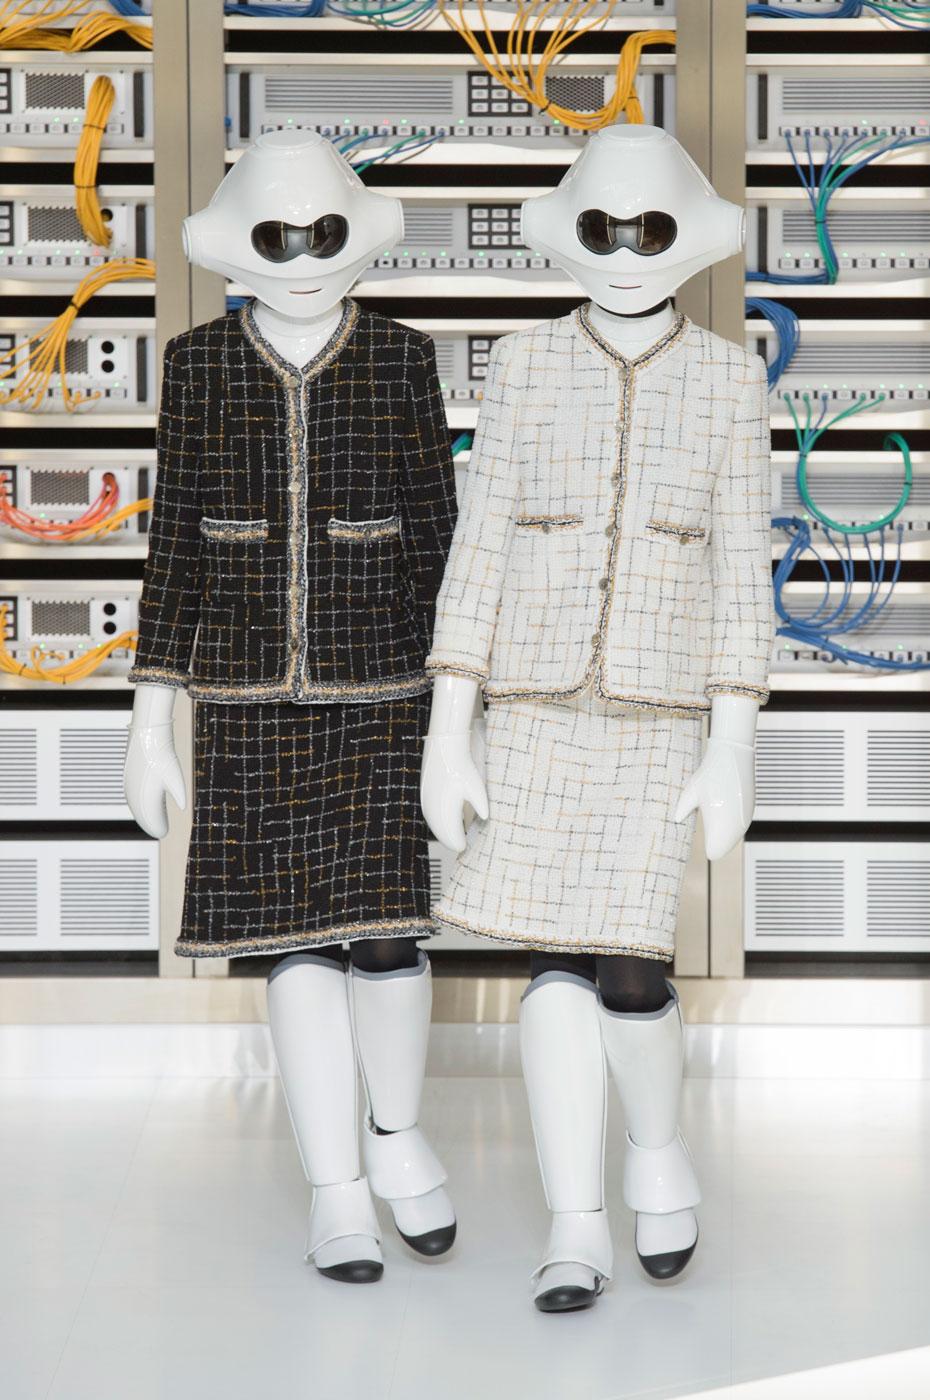 1077a6cf8 عرض أزياء شانيل لموسم ربيع وصيف 2017 في أسبوع باريس للموضة - Savoir ...